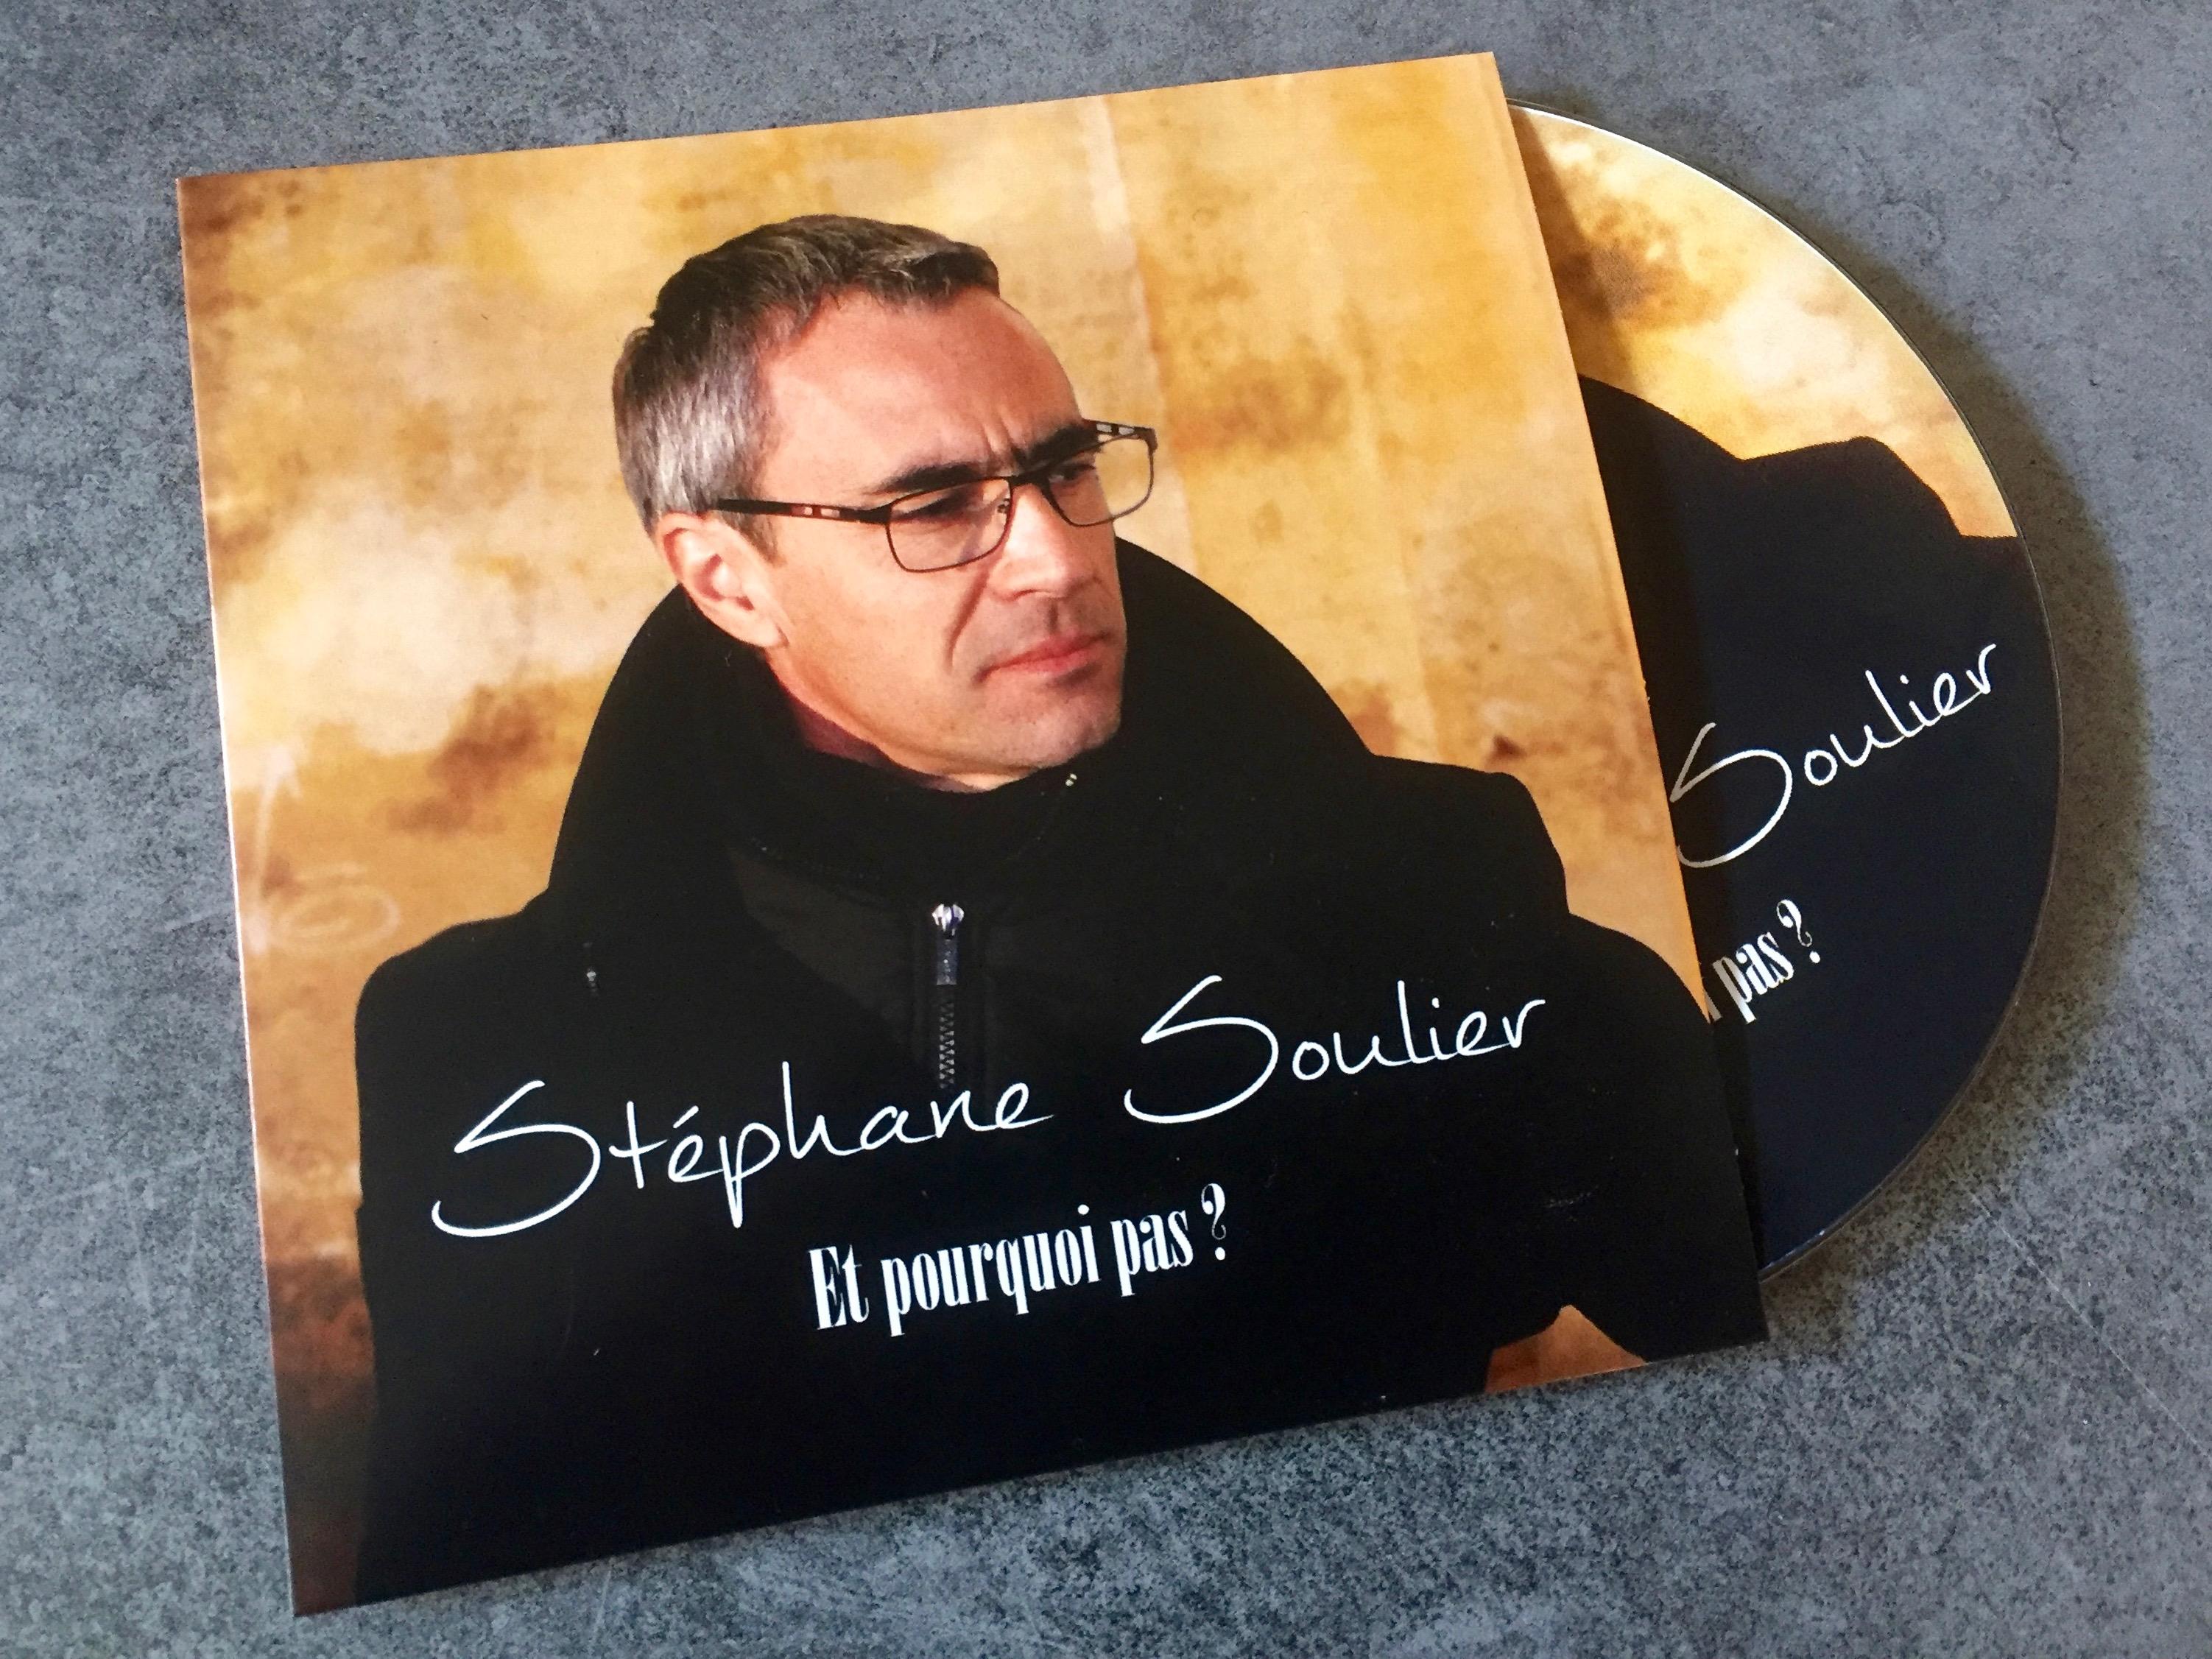 Stéphane-soulier